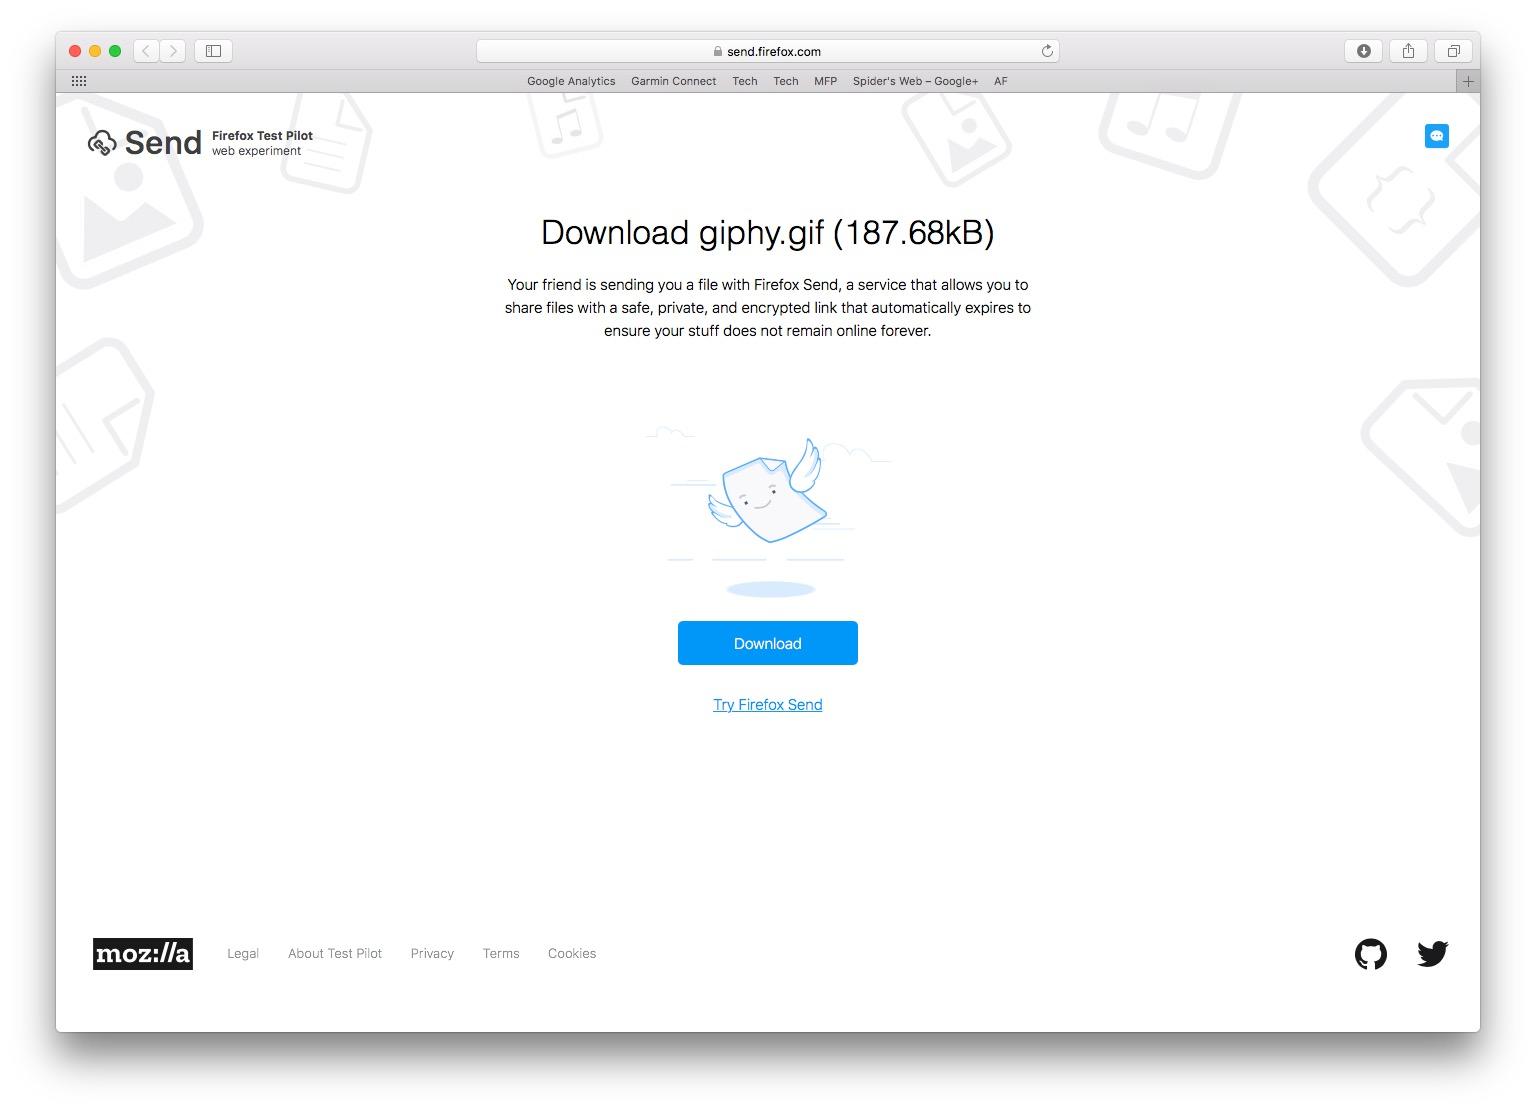 Jak wysłać duży plik za darmo? Można skorzystać z Send Firefox